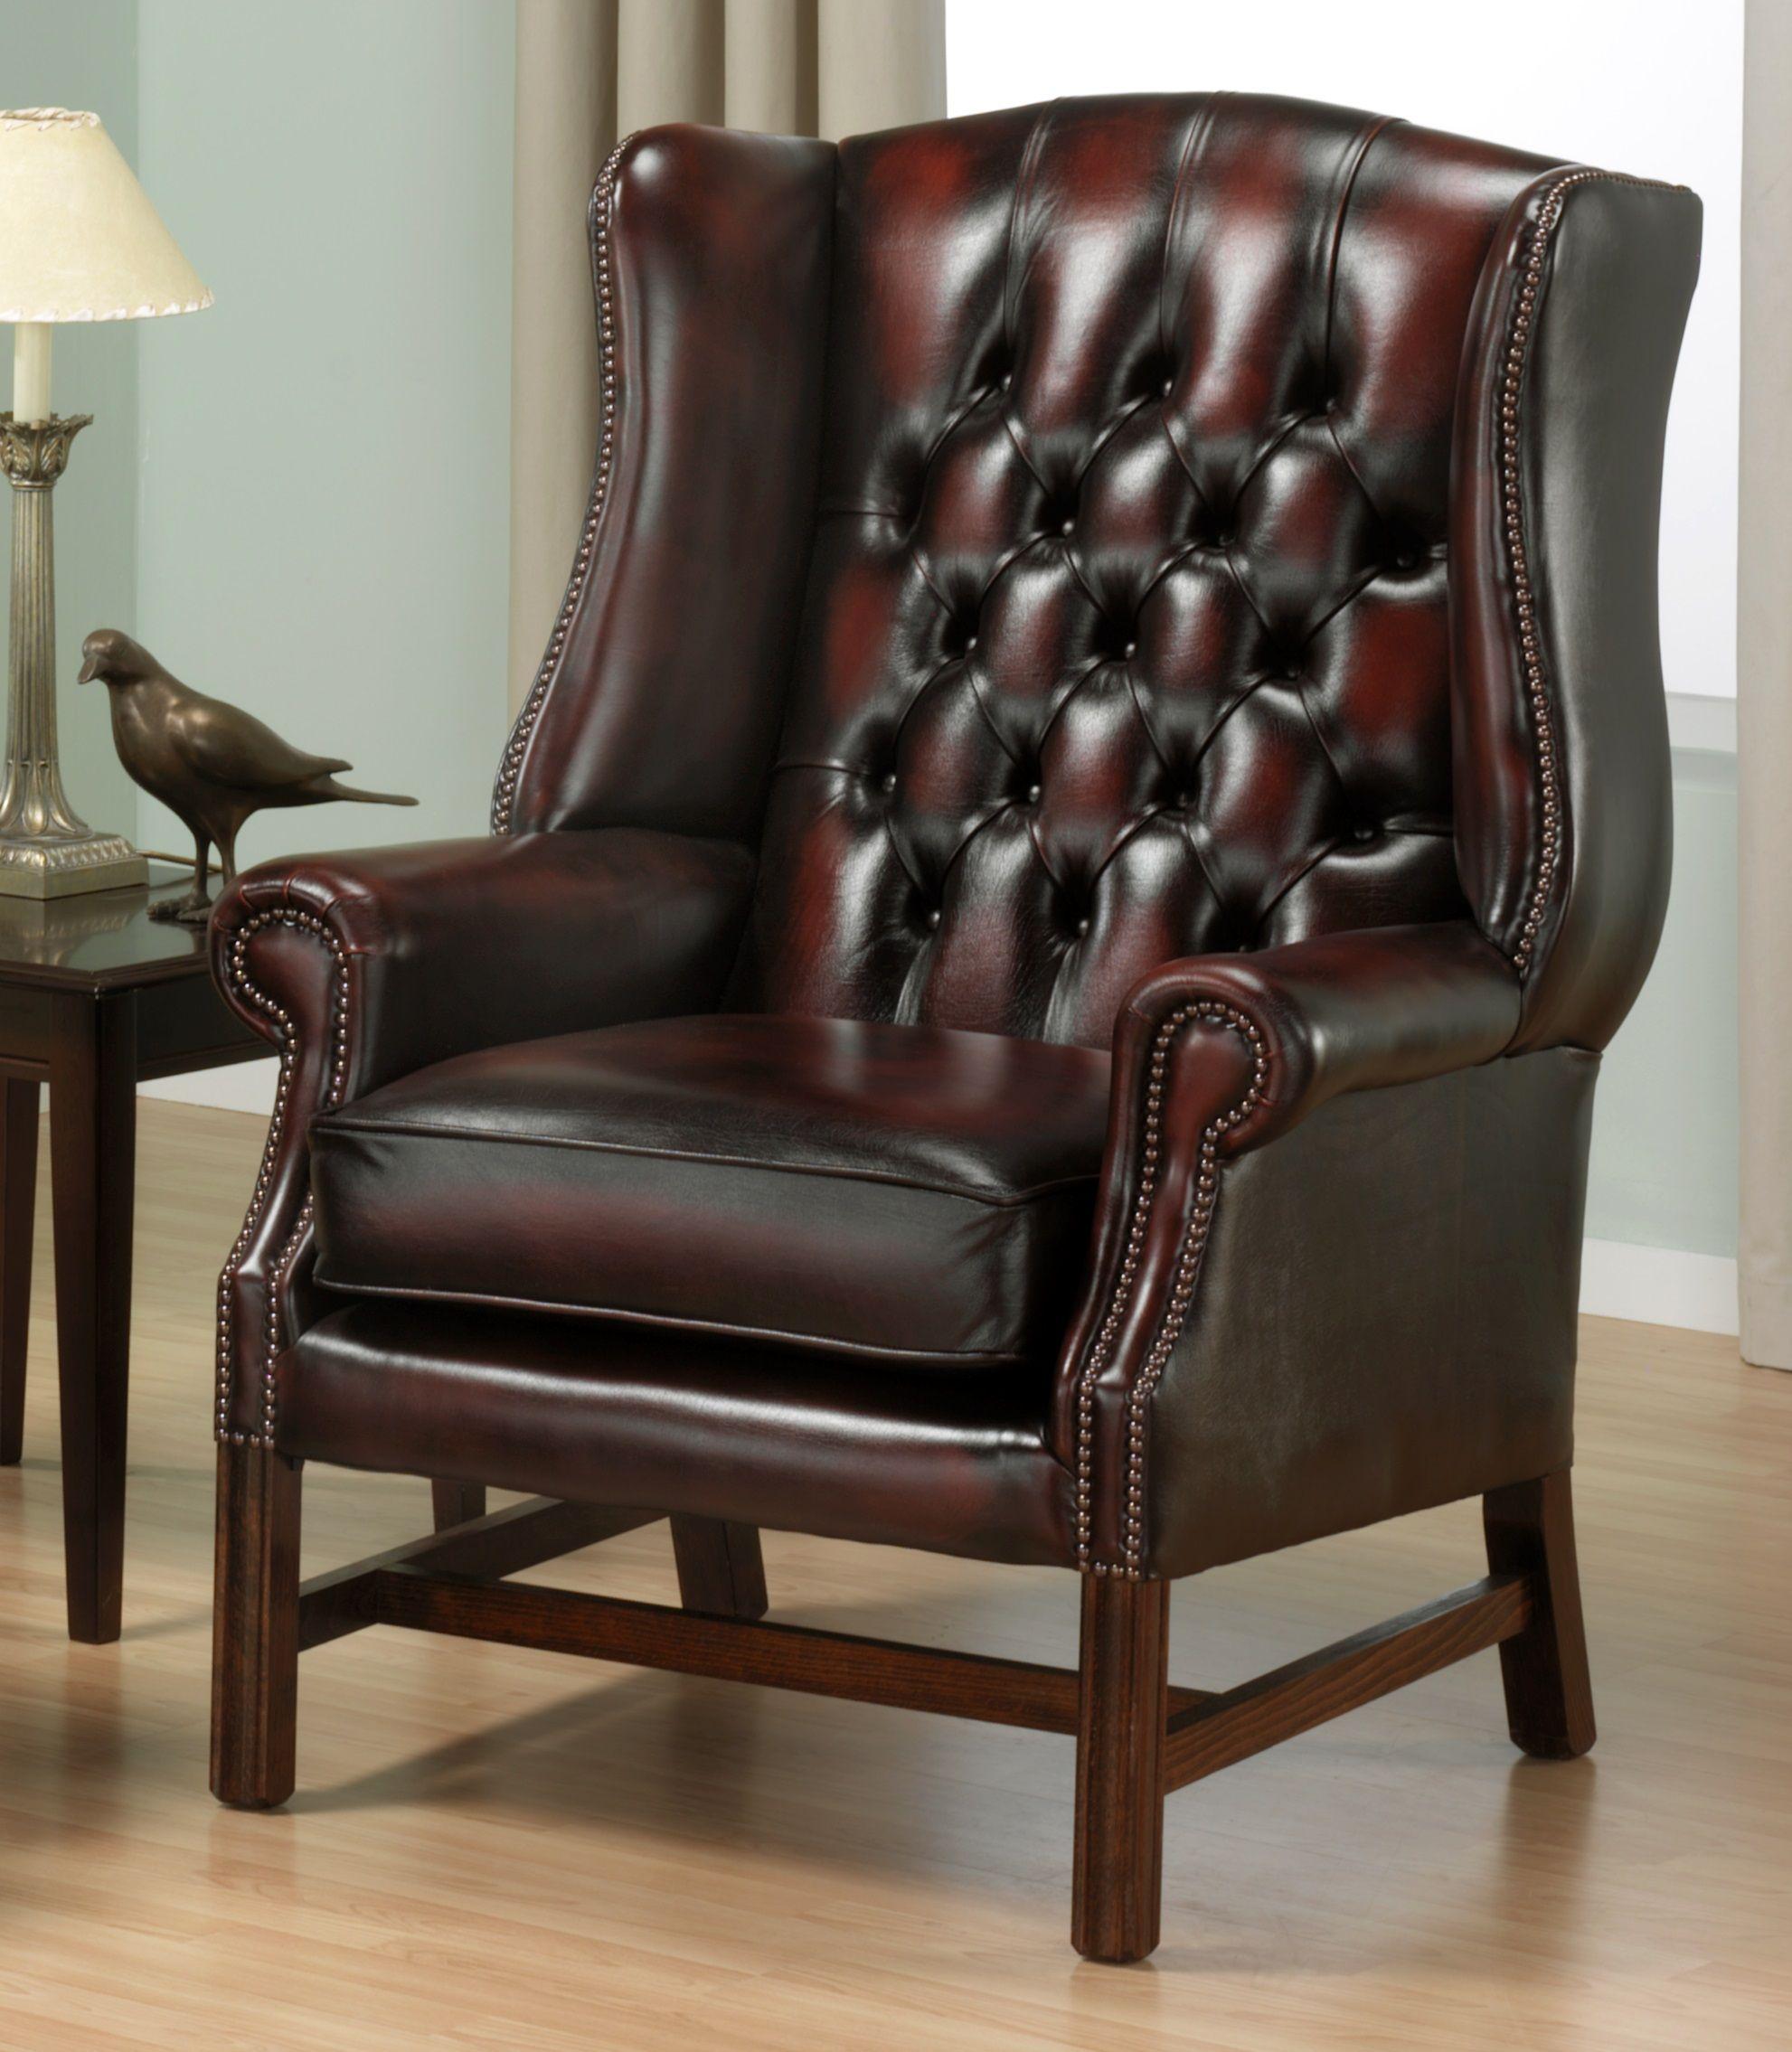 Holz Stuhl Wing Chair Murah Verwendet Chesterfield Stuhl